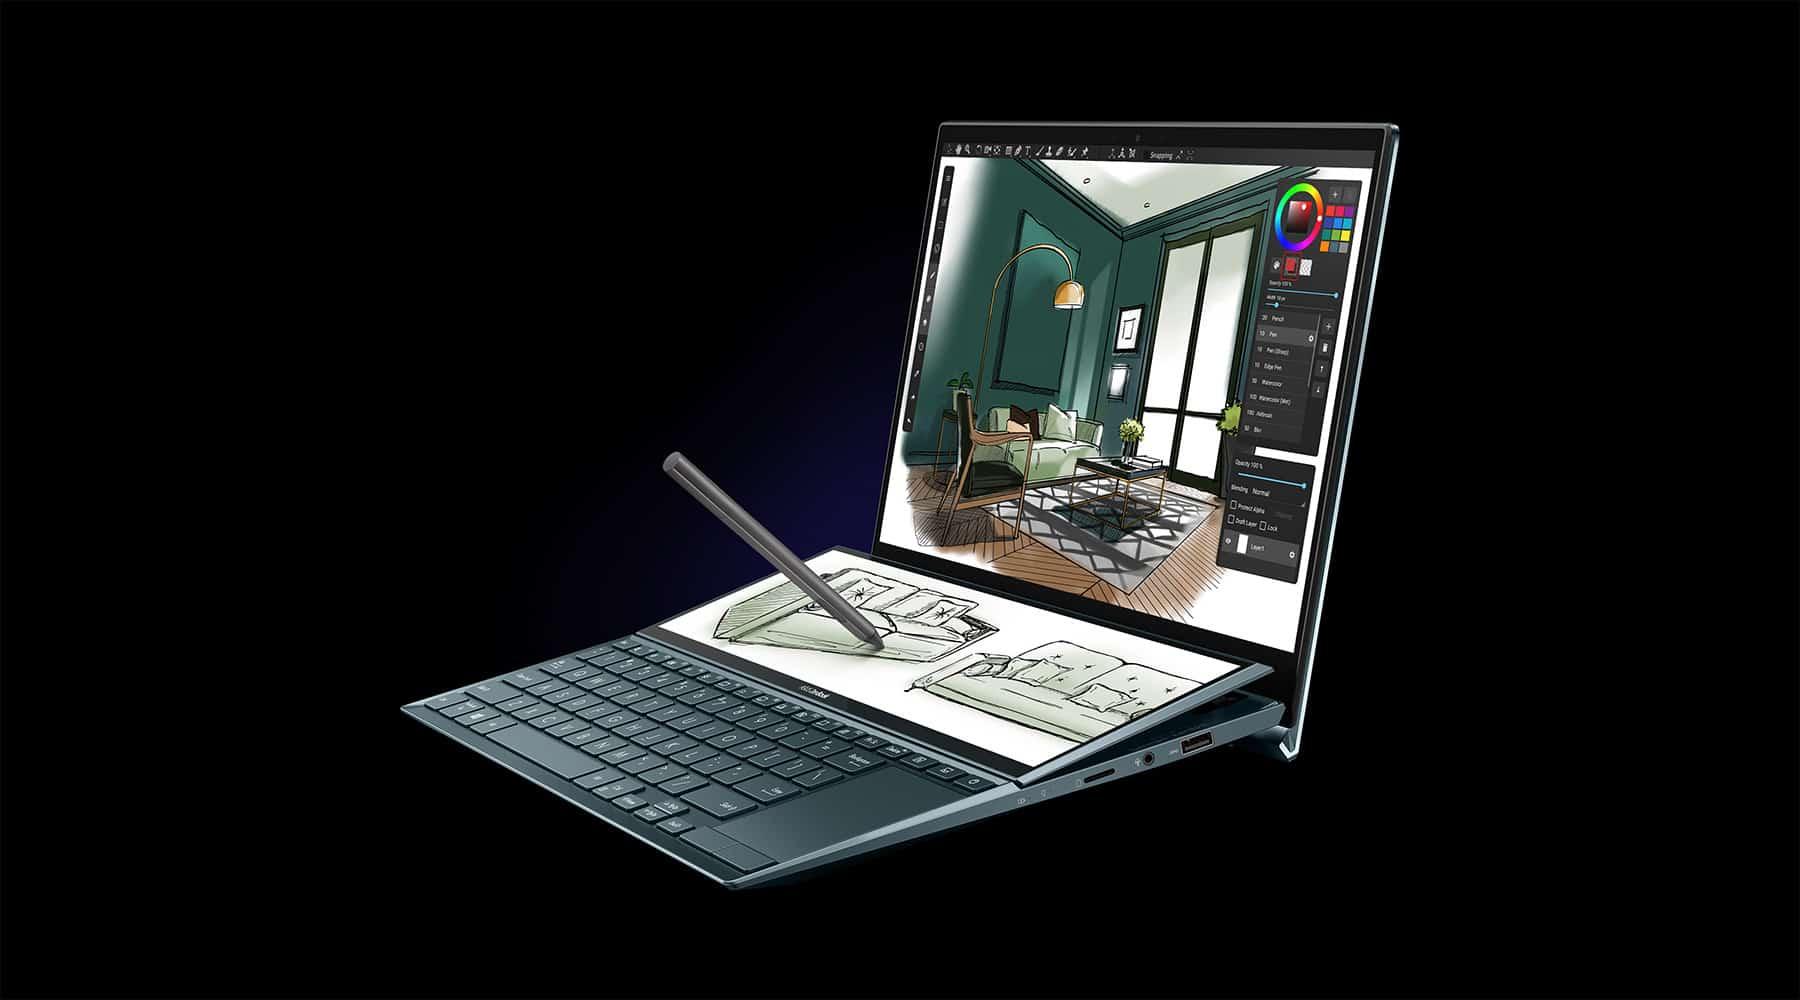 혁신적인 폼팩터가 적용된 에이수스 젠북 듀오 14(UX482) - 에이수스 홈페이지 출처